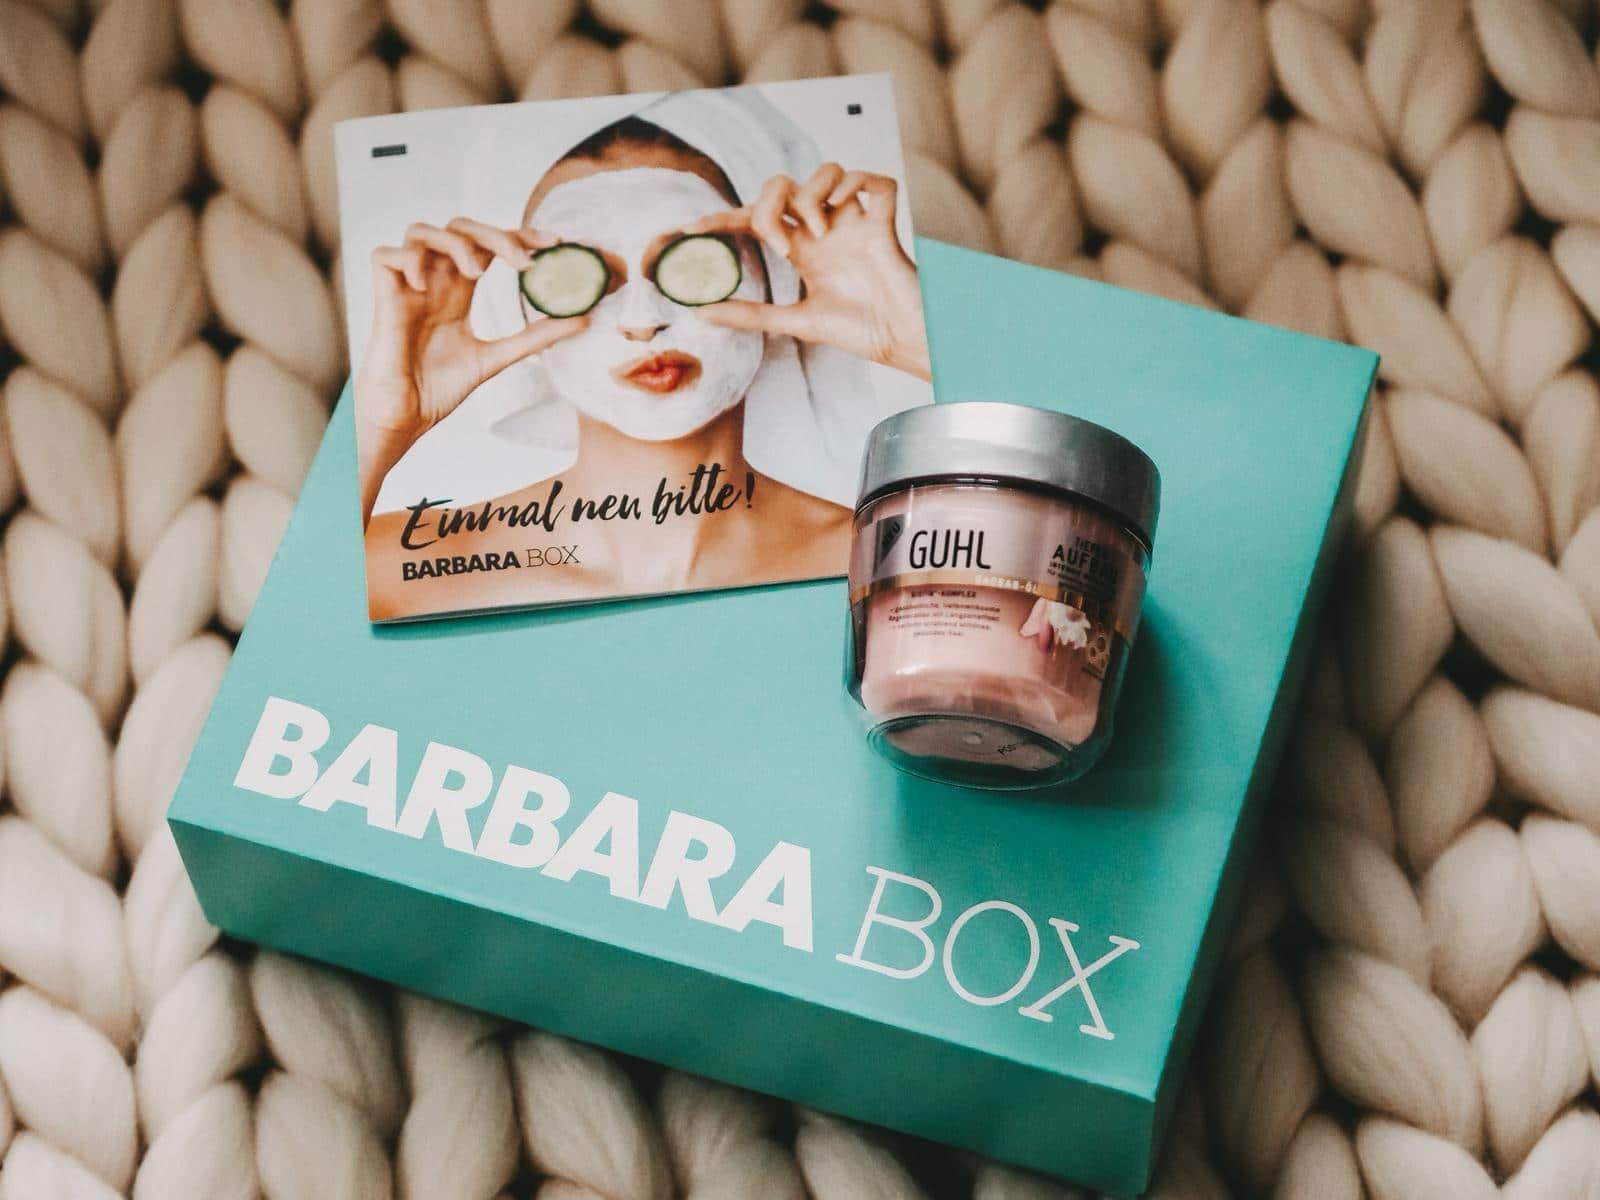 Guhl Haarkur aus der Barbara Box Einmal neu bitte